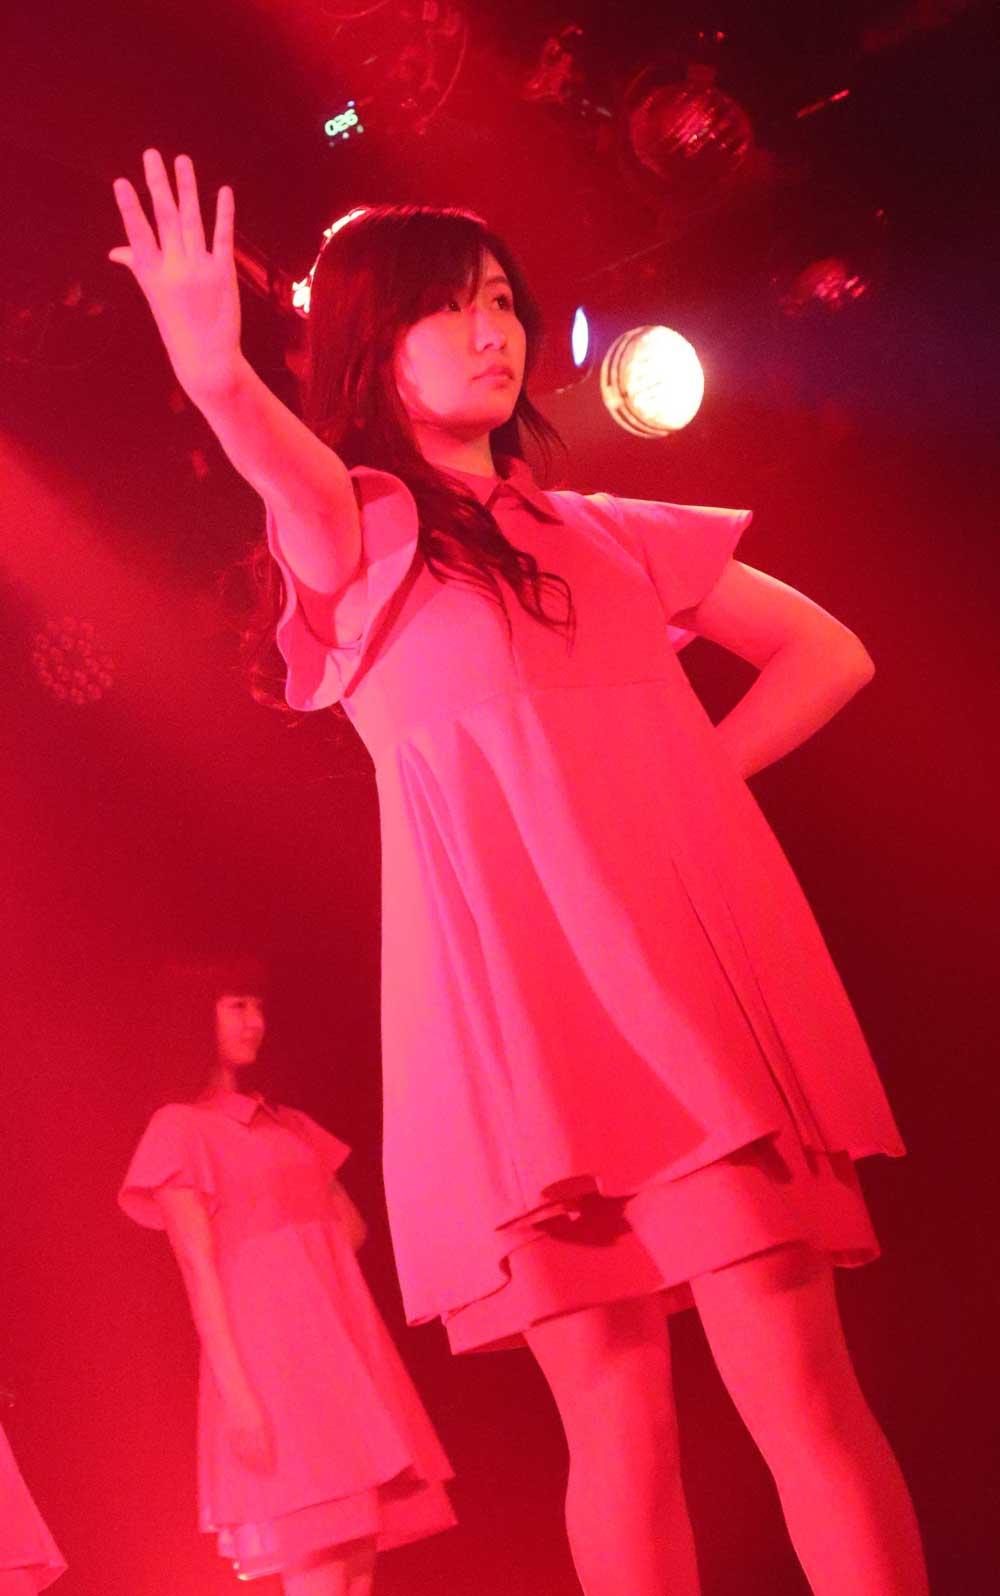 Images : 1番目の画像 - 「九州女子翼/東京定期で新曲披露。前回を大幅にアップデートする、圧倒的な進化を果たしたパフォーマンスで会場のオーディエンスを熱狂させた」のアルバム - Stereo Sound ONLINE